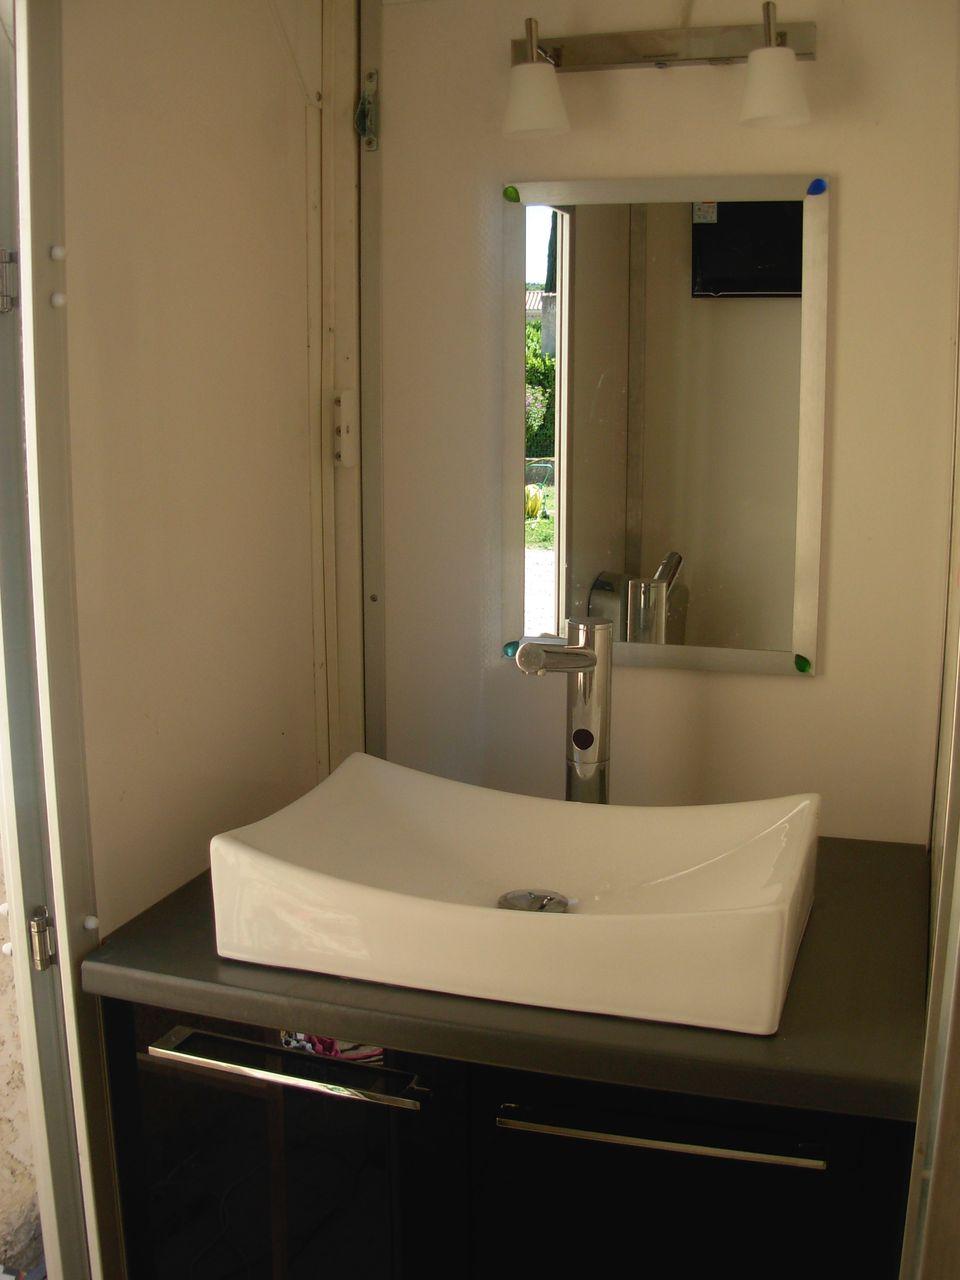 Lavabo homme caravane bio sanitaire location - Wc chimique caravane ...